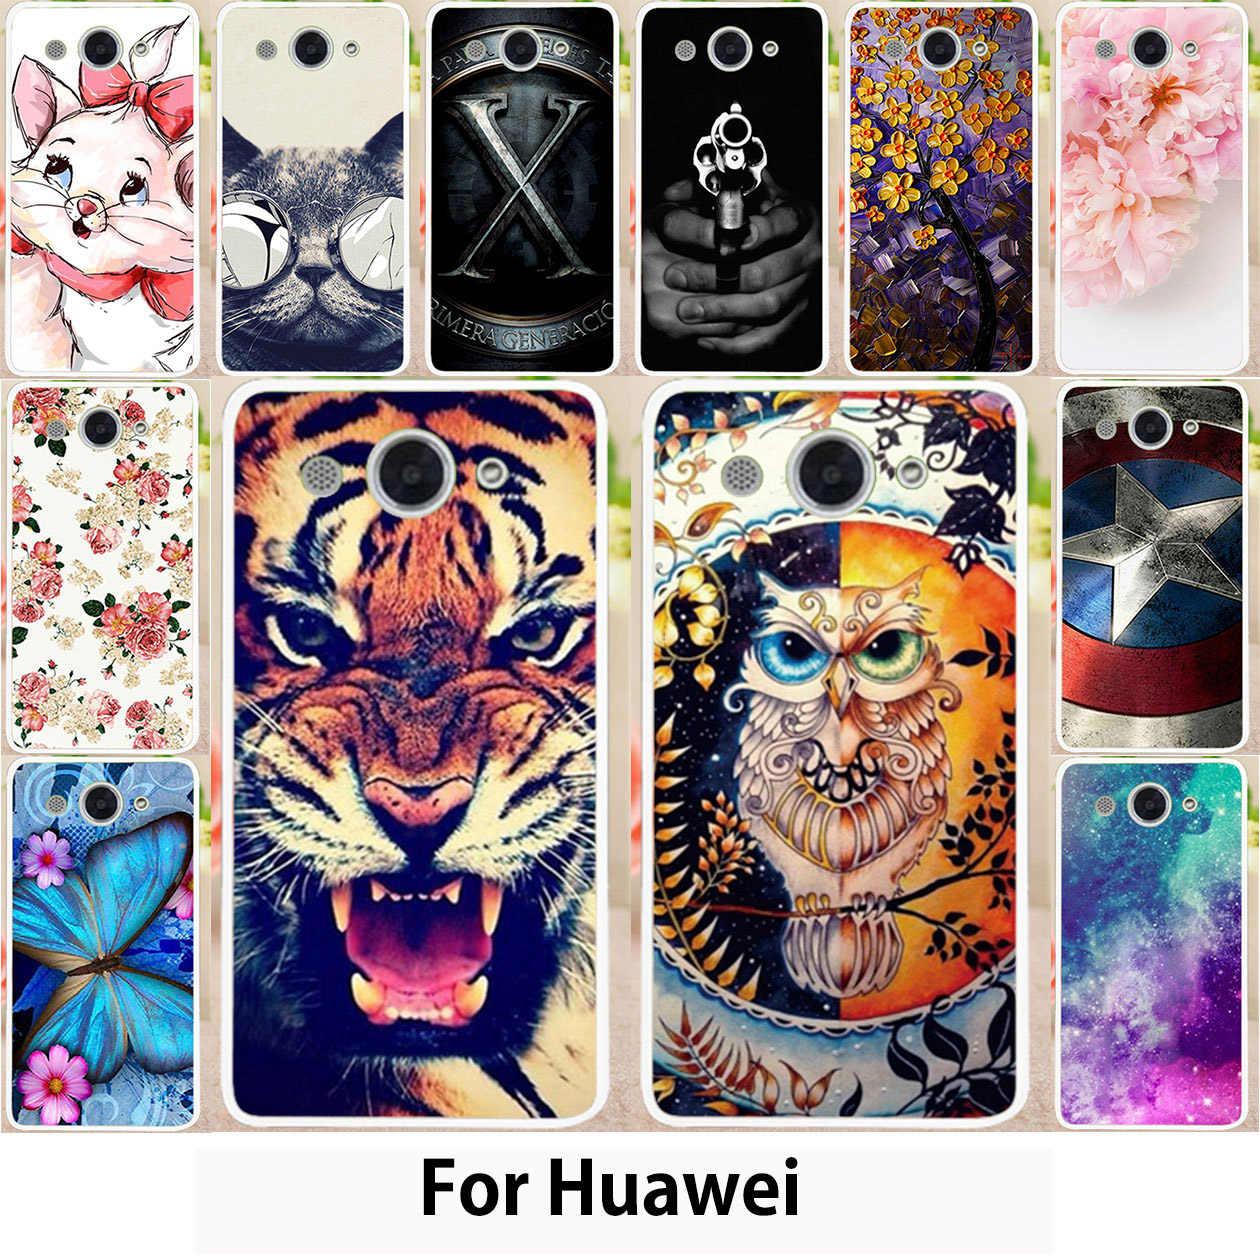 Vanveet Huawei 社 Y3 II ケース Huawei 社 Y3 Y5 lite 2017 Y5 II Y6 II コンパクト Y541 Y5C Y5 y560 Y6 プロ名誉 4C プロ Y635 Y7 2017